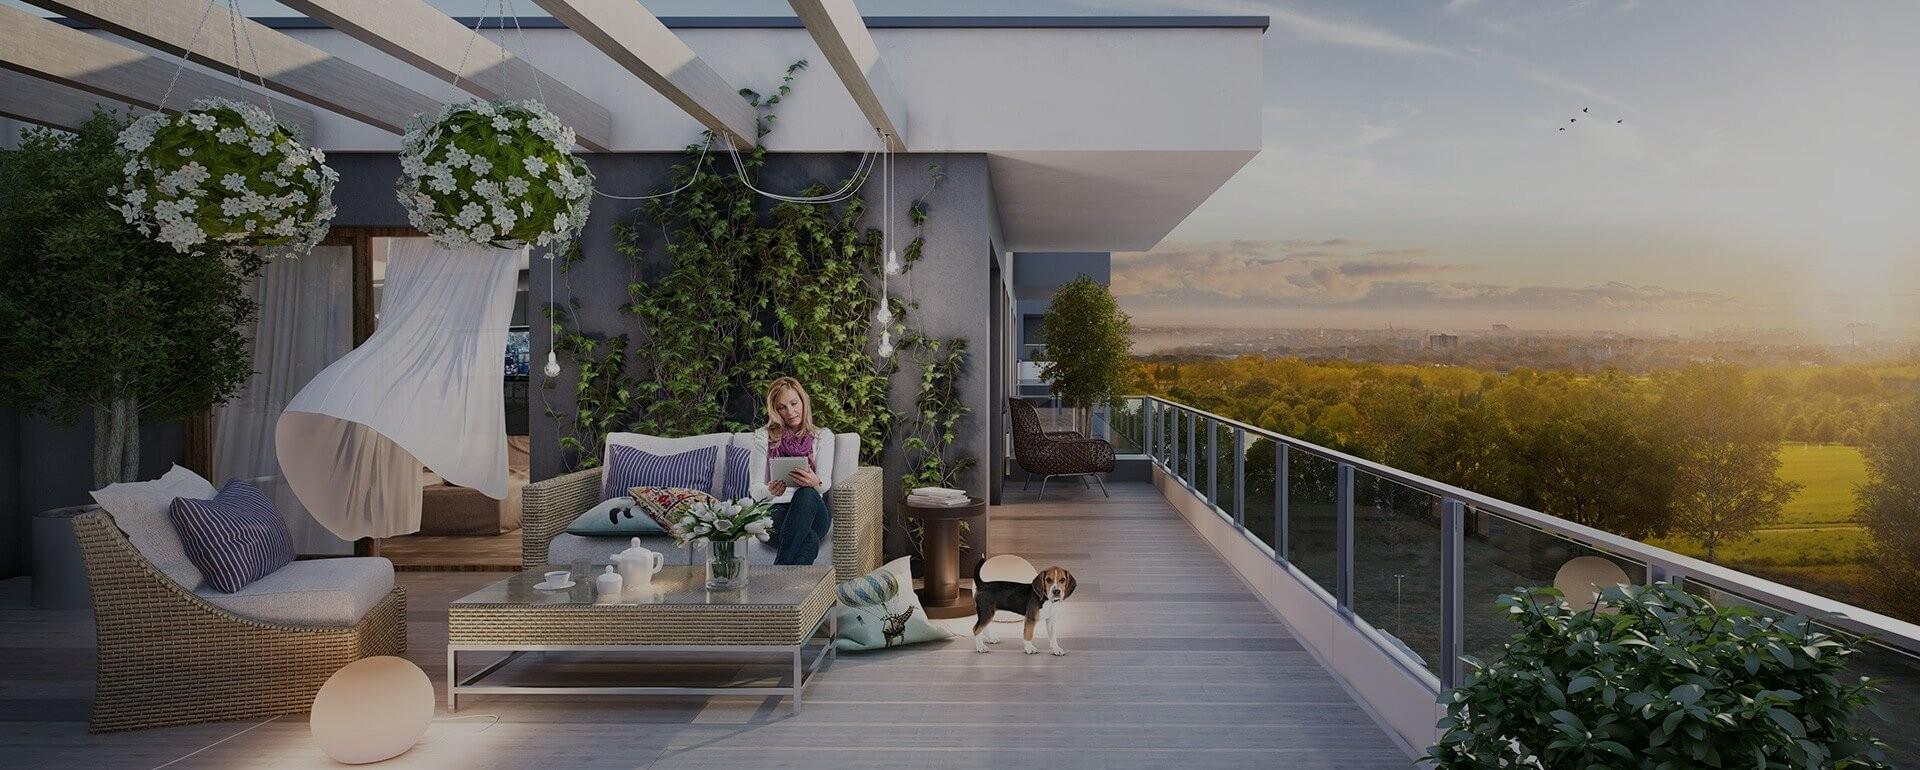 Aurora - nowe mieszkania od dewelopera w Olsztynie